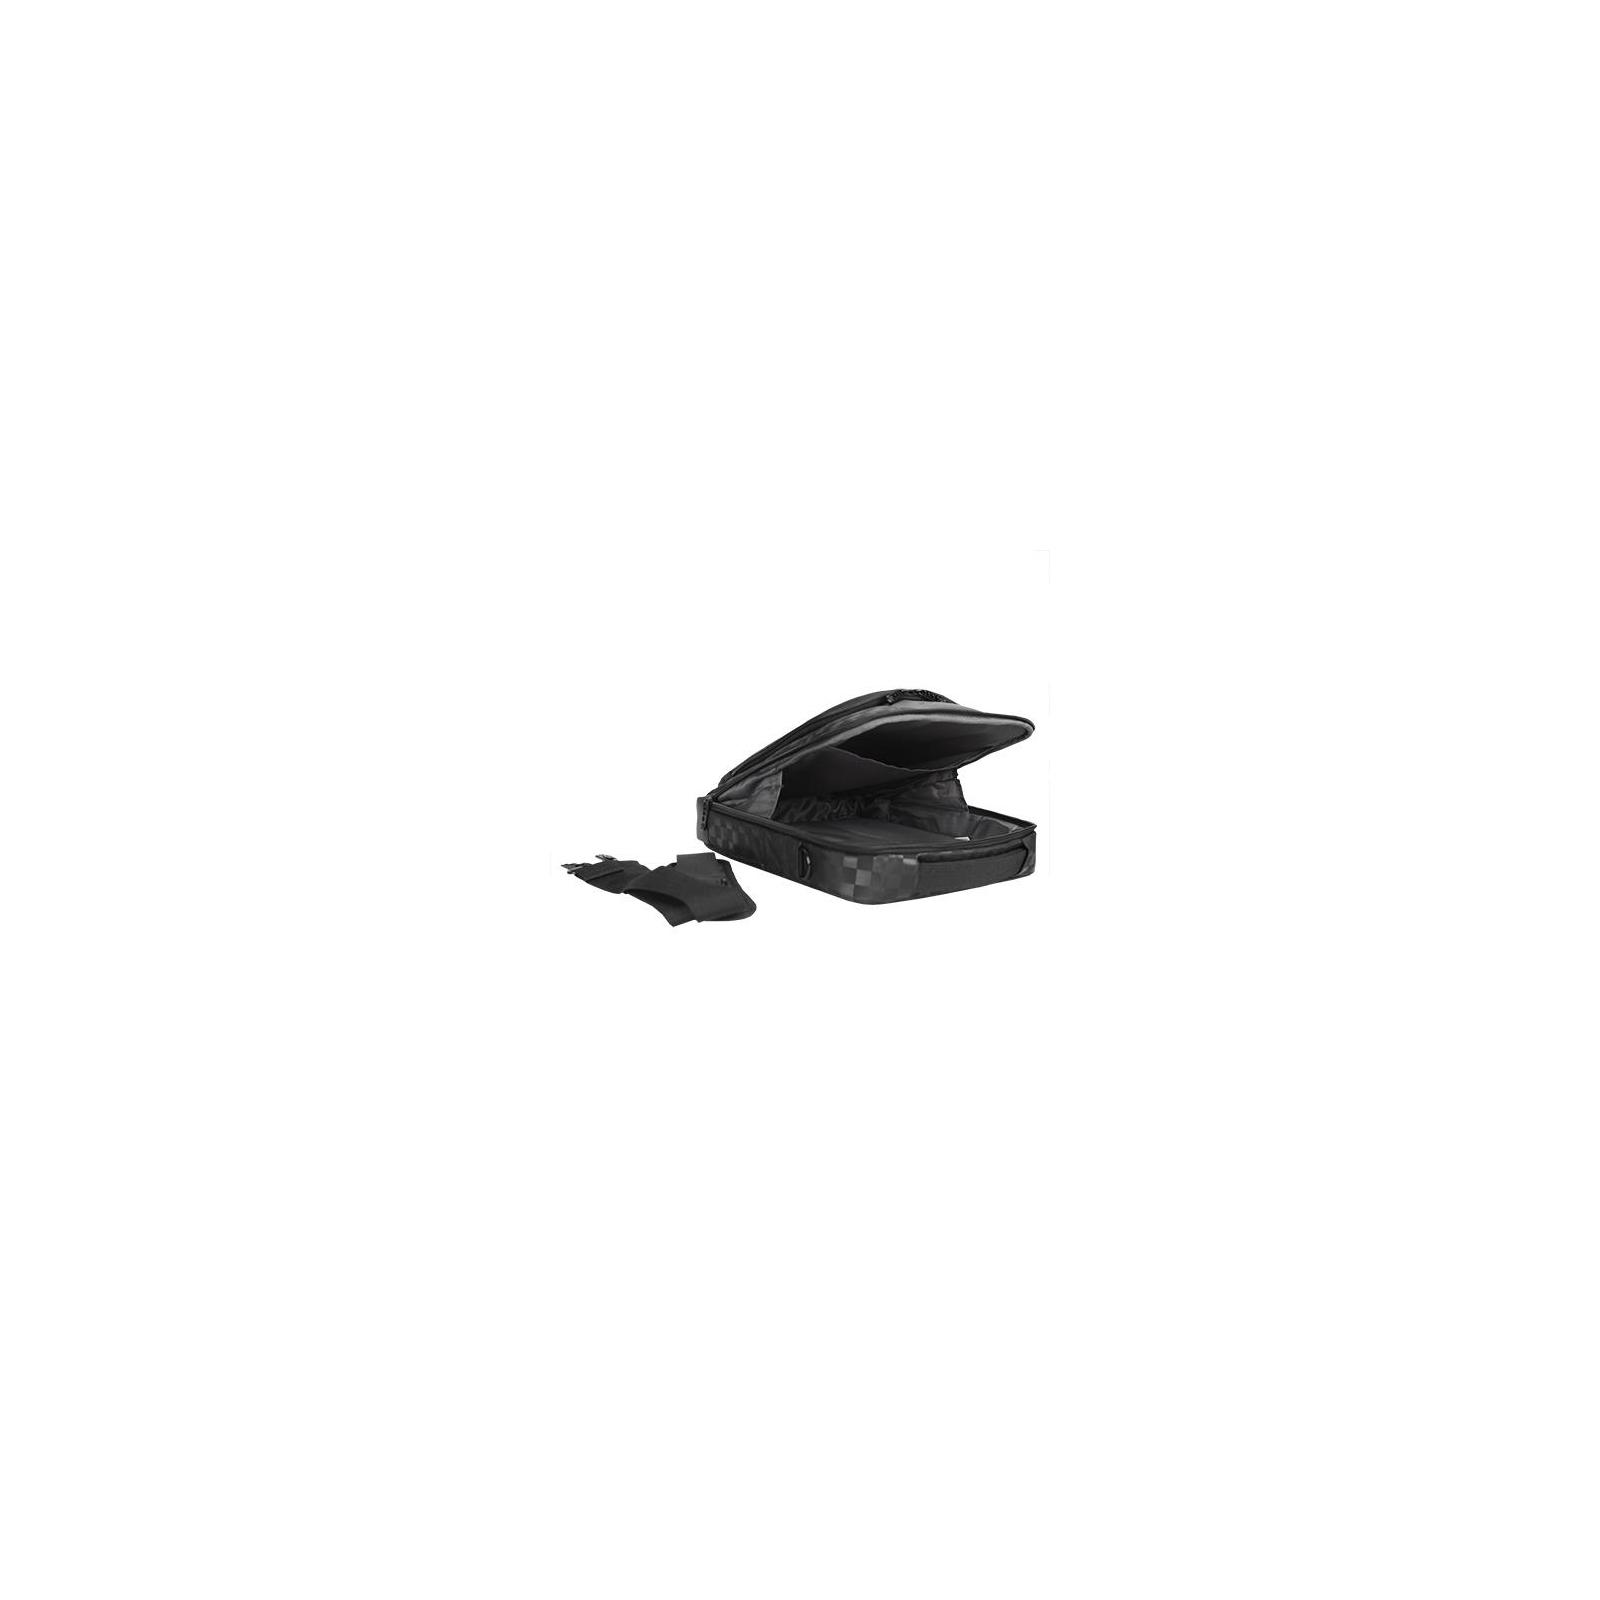 Сумка для ноутбука Continent 10 CC-039 Black (CC-039 Black) изображение 5